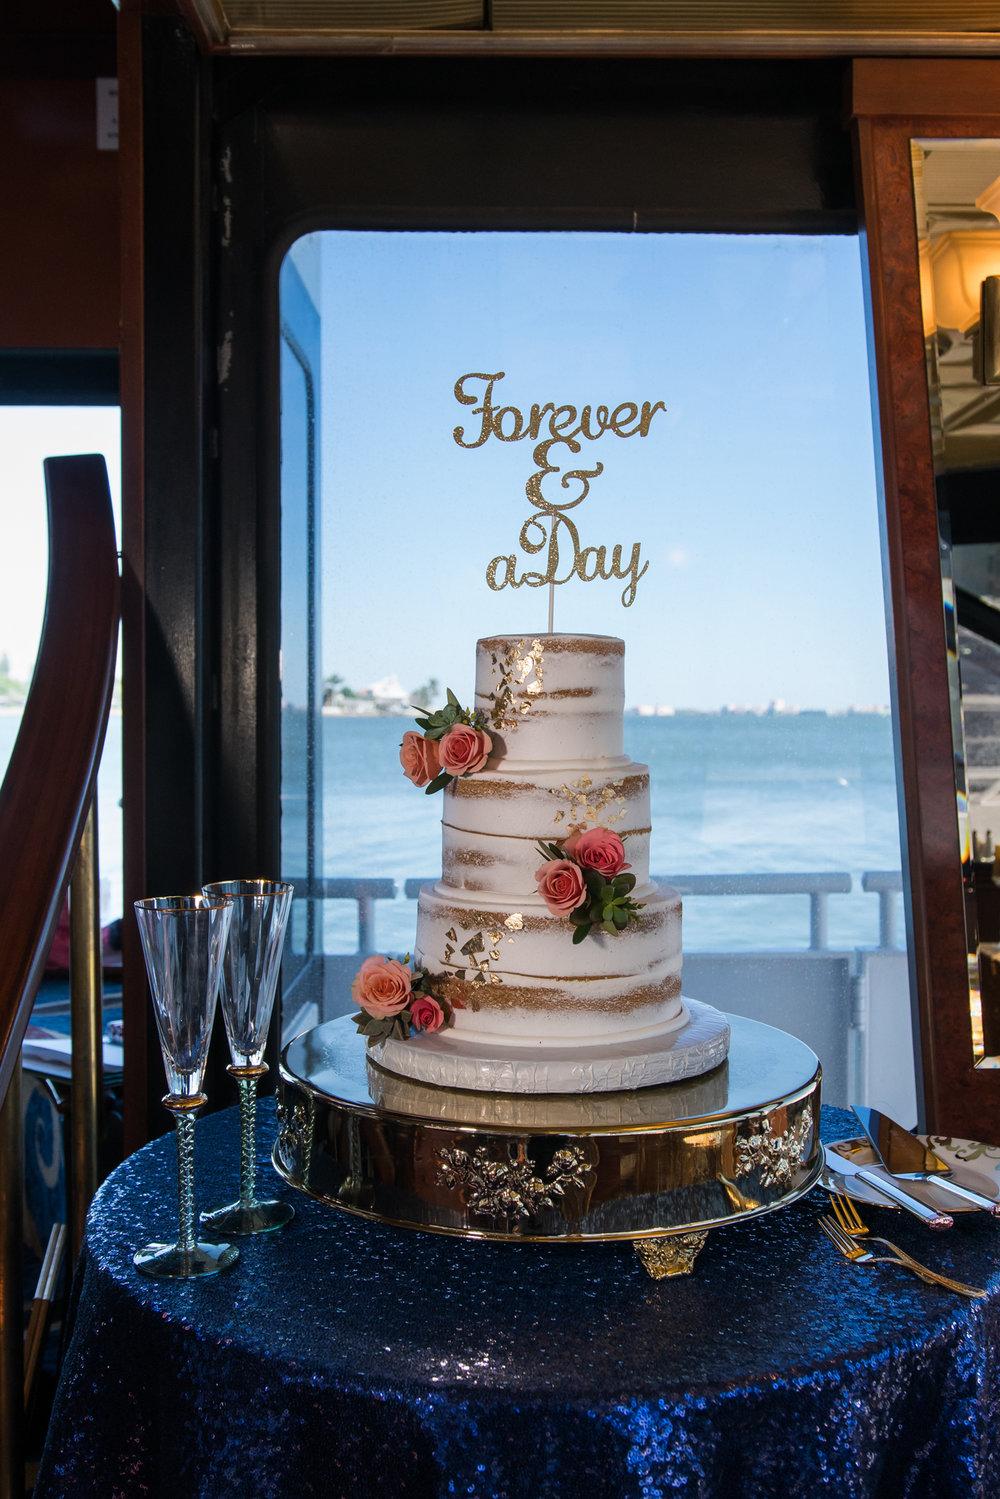 St.Pete-wedding-cake-decoration, Yacht-wedding-photo